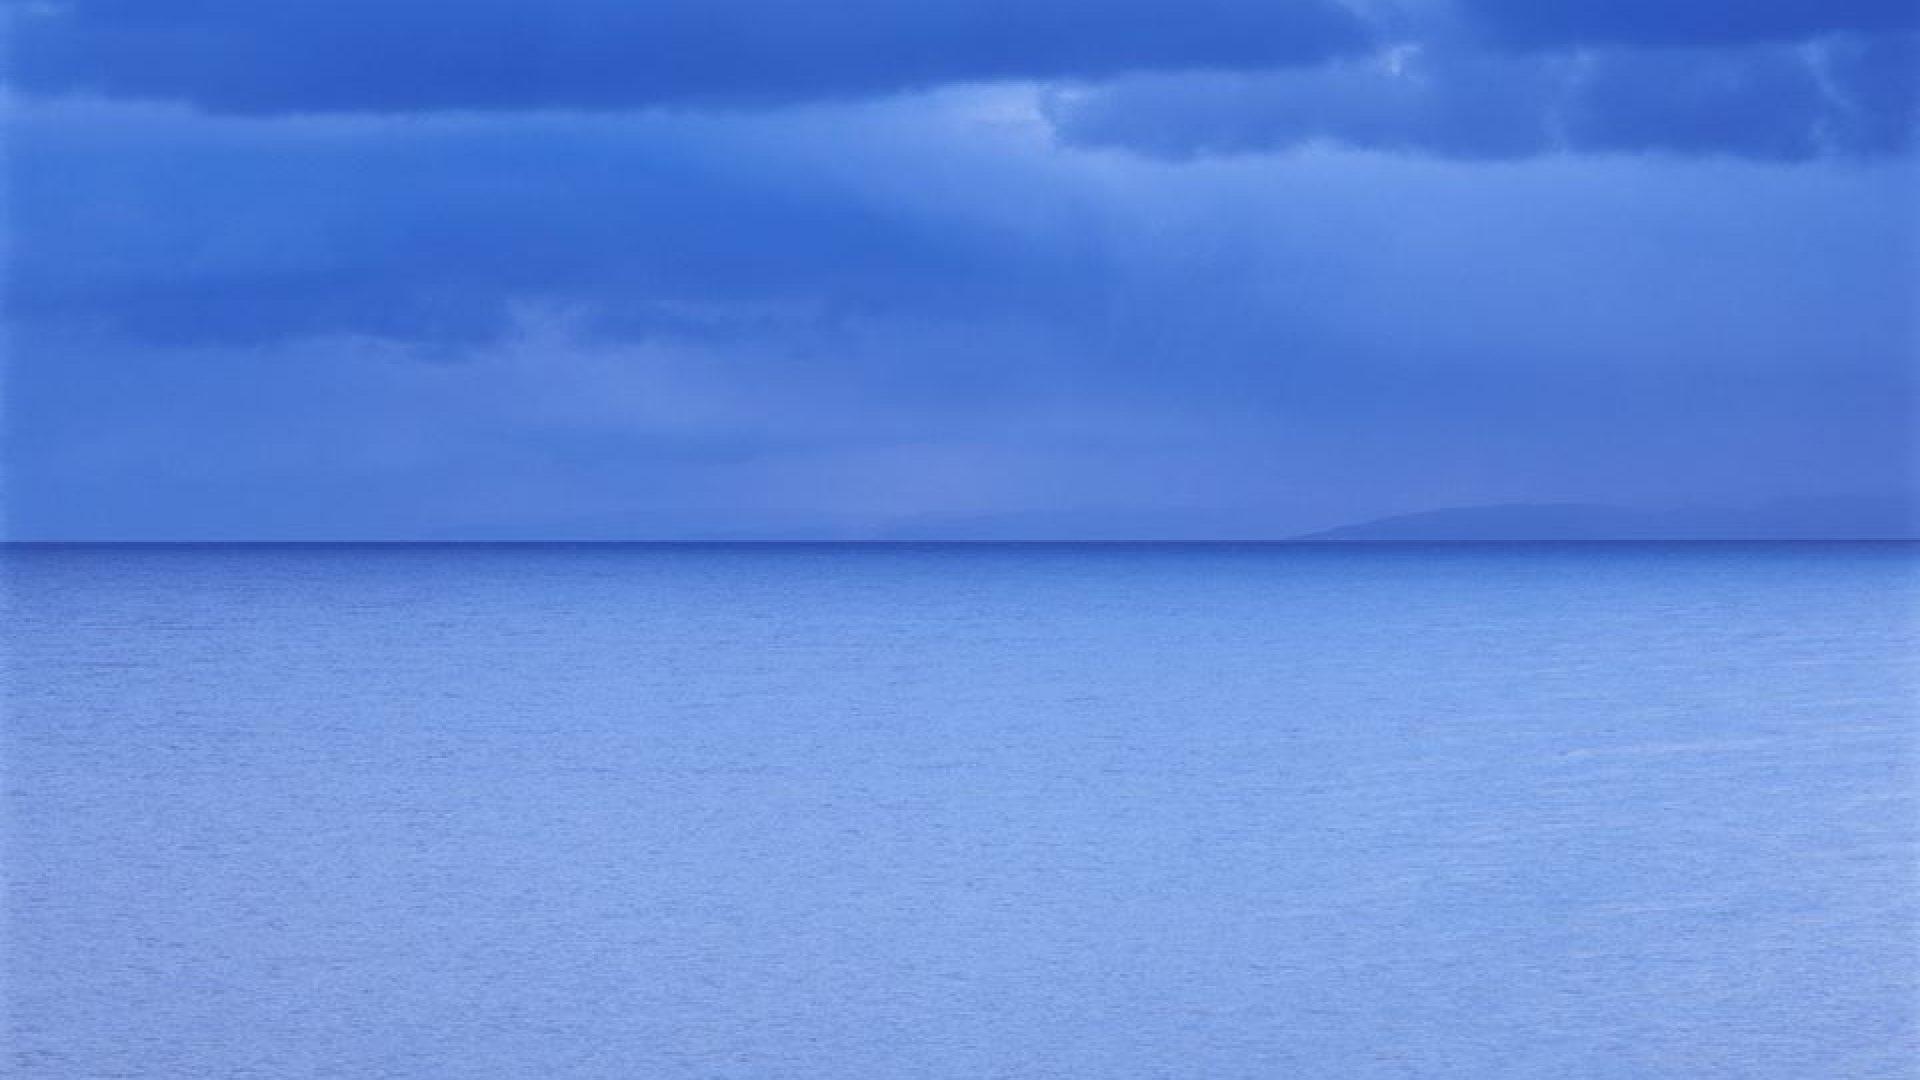 Hav og horisonten